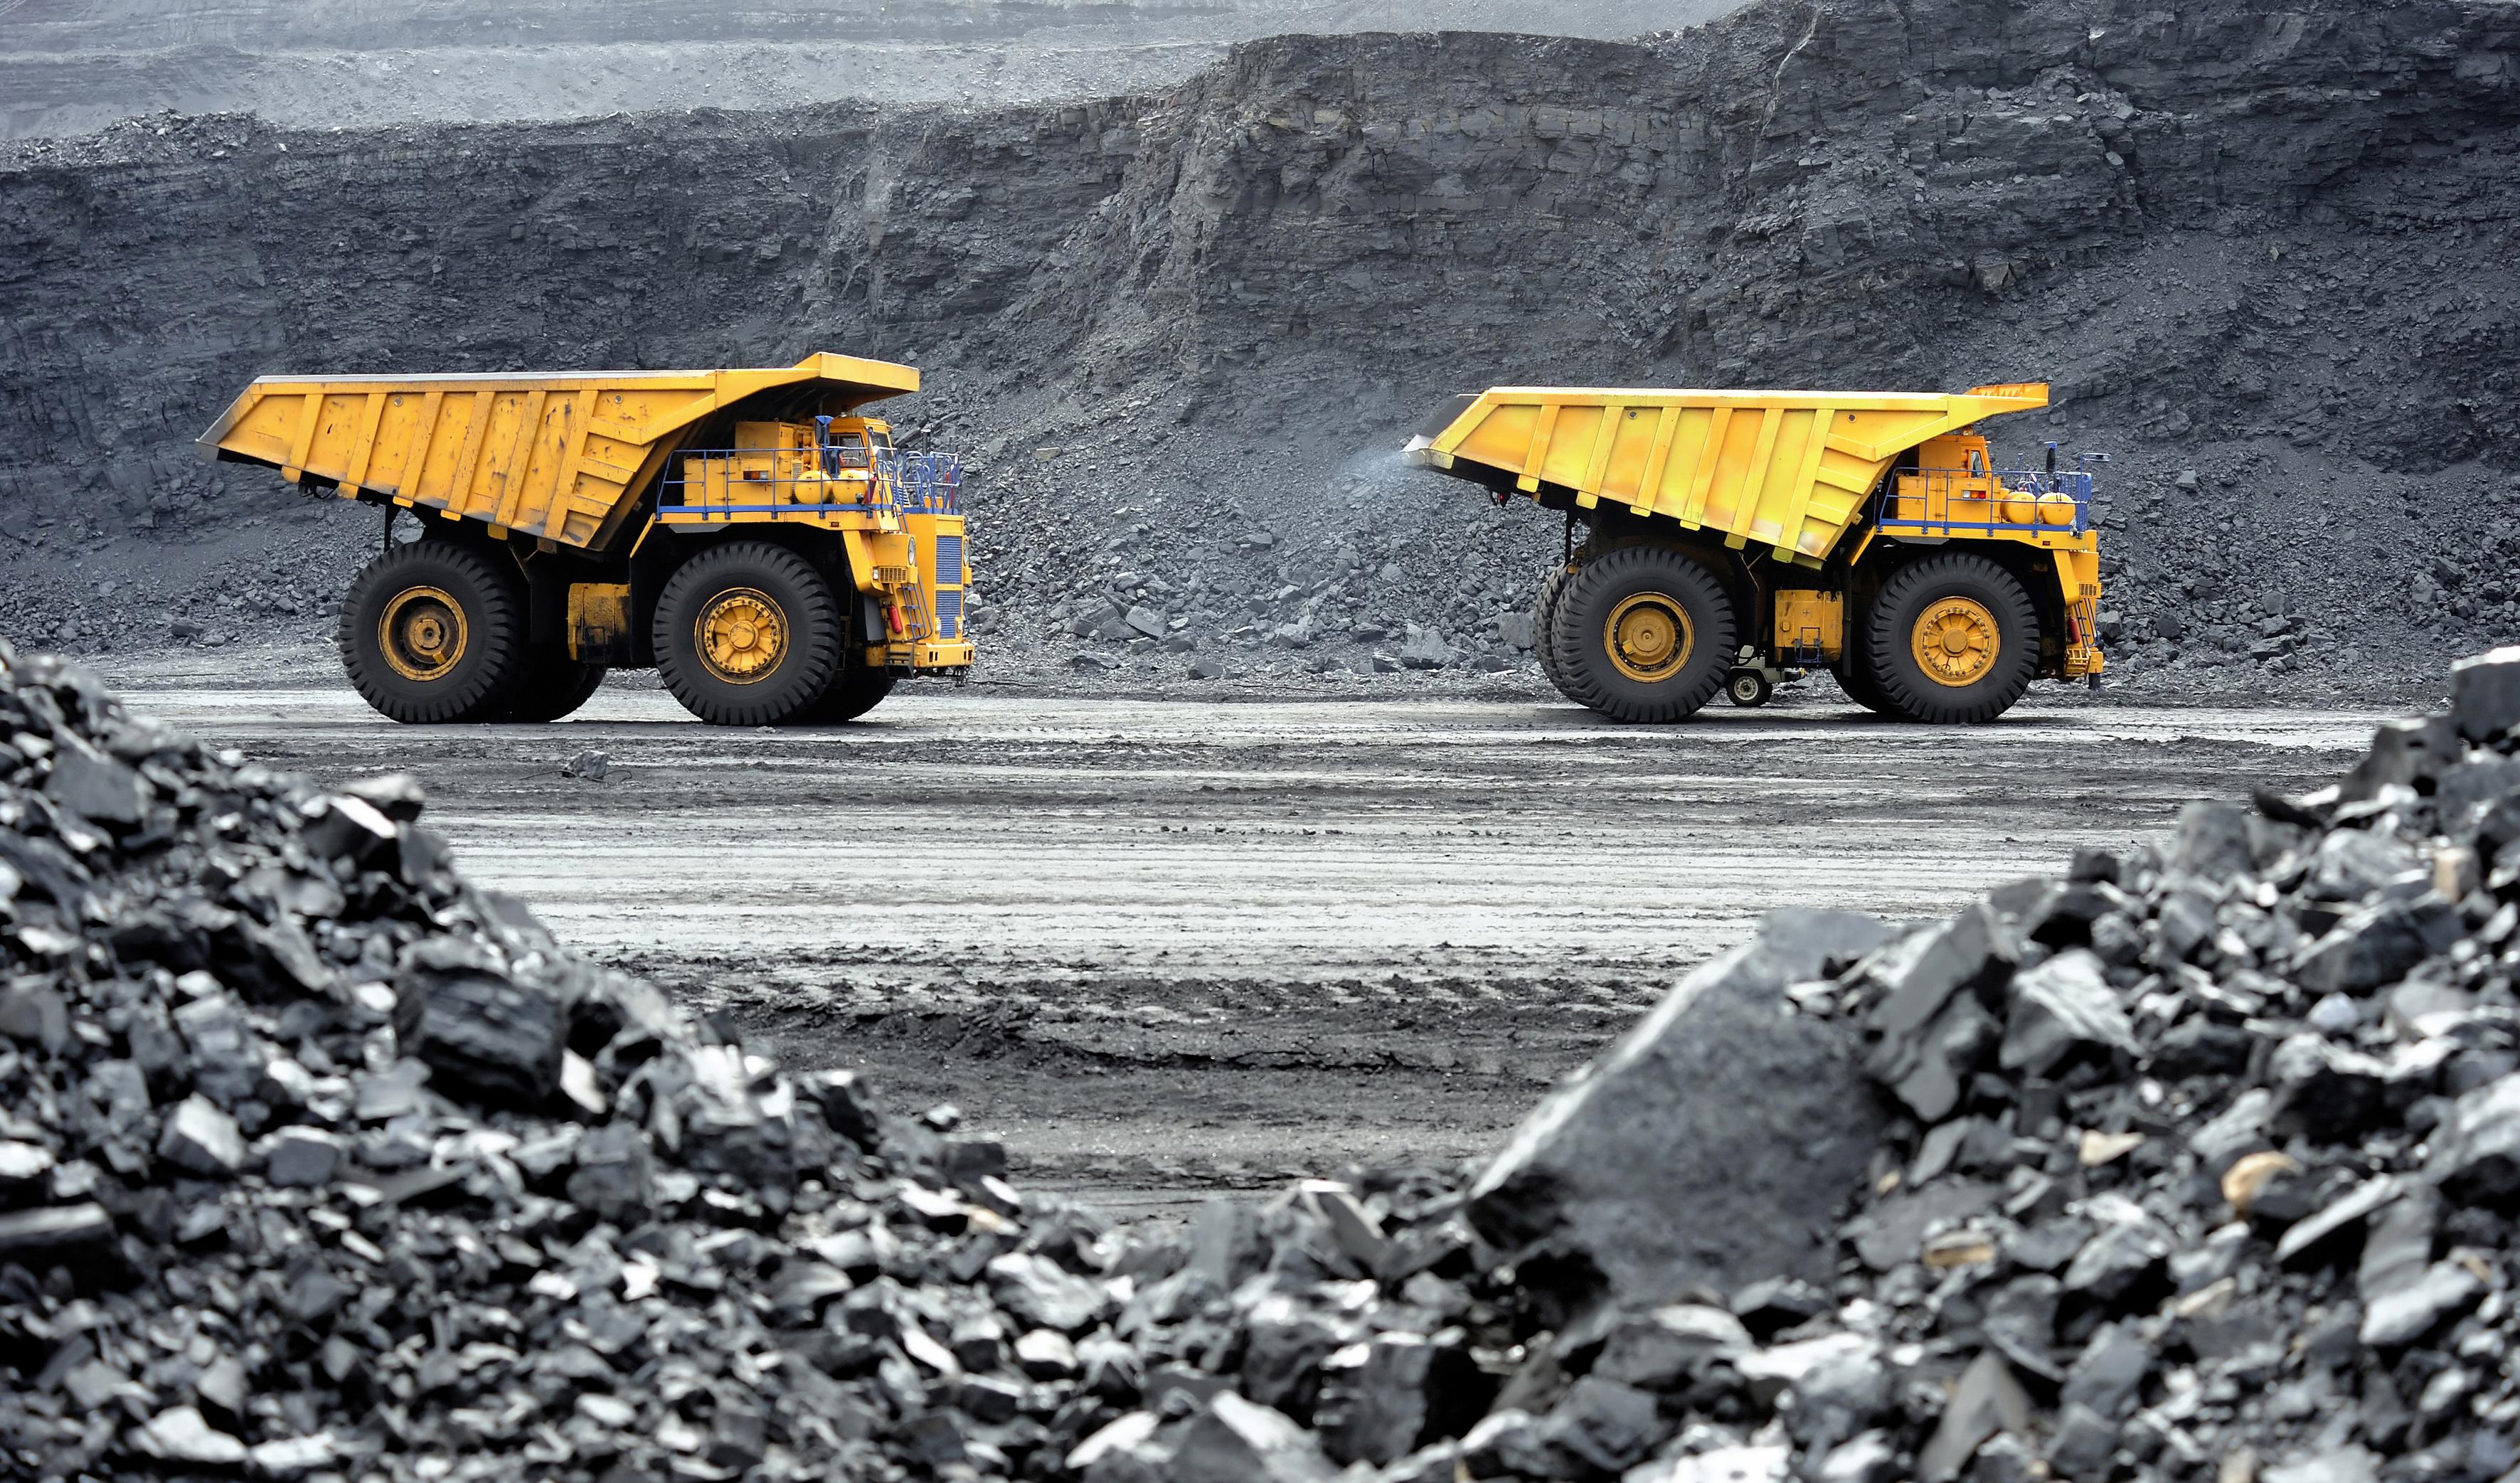 بهره برداری از ۲۰ پروژه مهم صنعتی و معدنی در سال رونق تولید